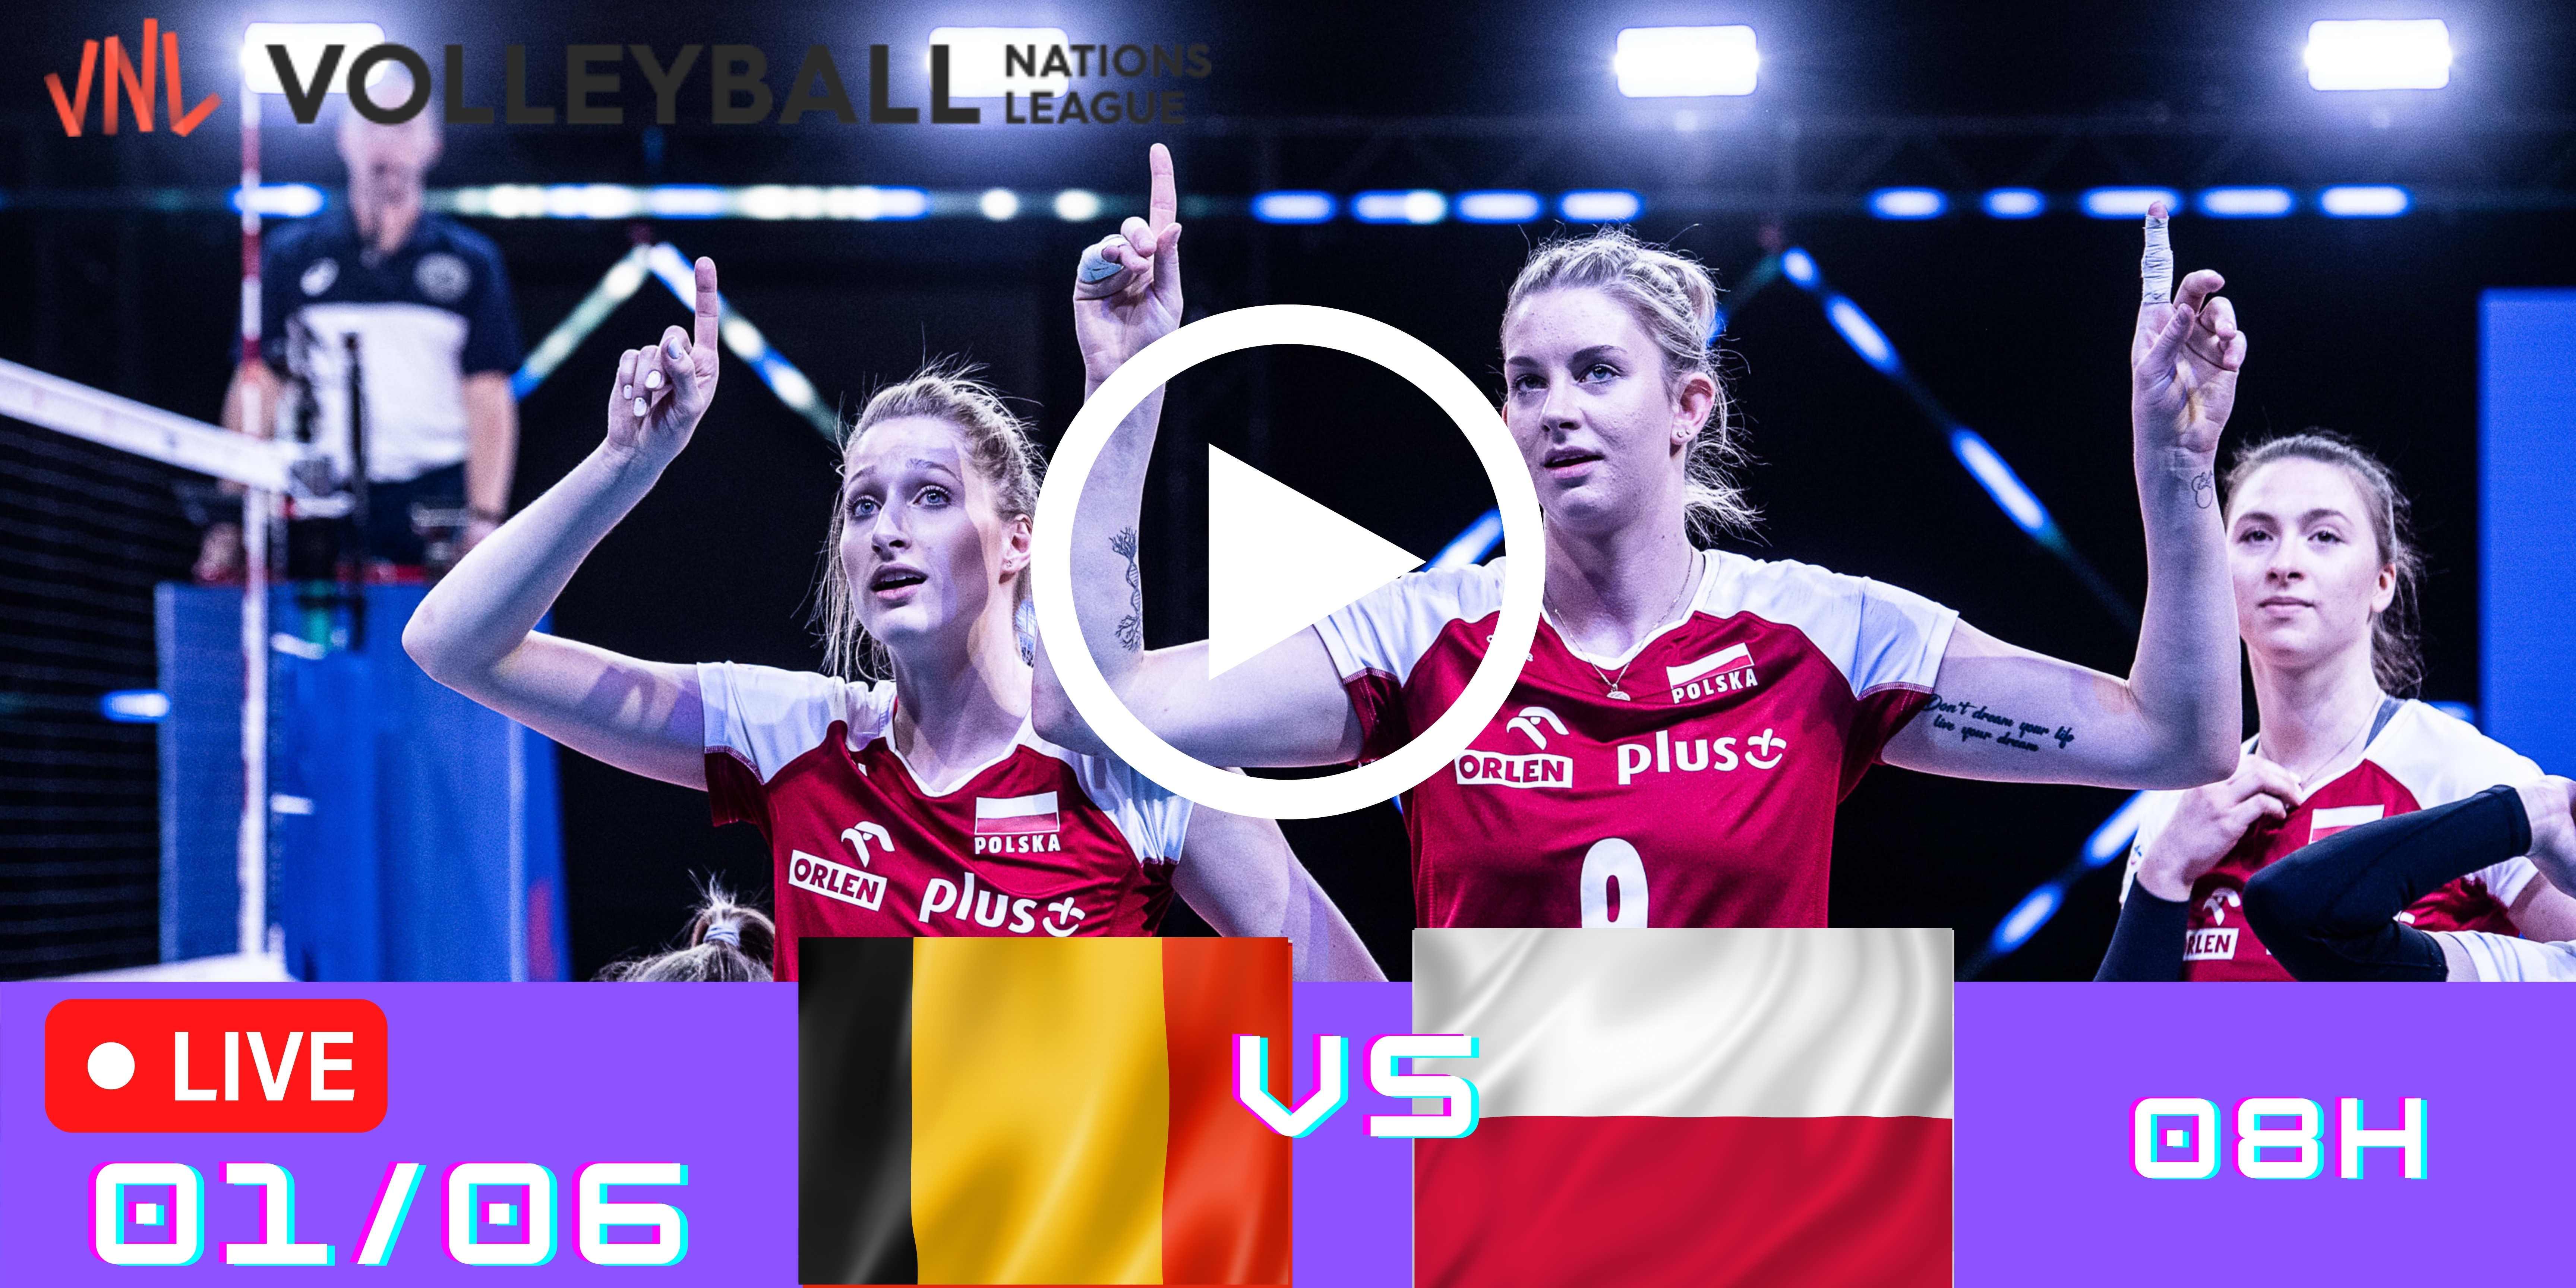 Resultado: Bélgica vs Polônia – Liga das Nações – 01/06/2021